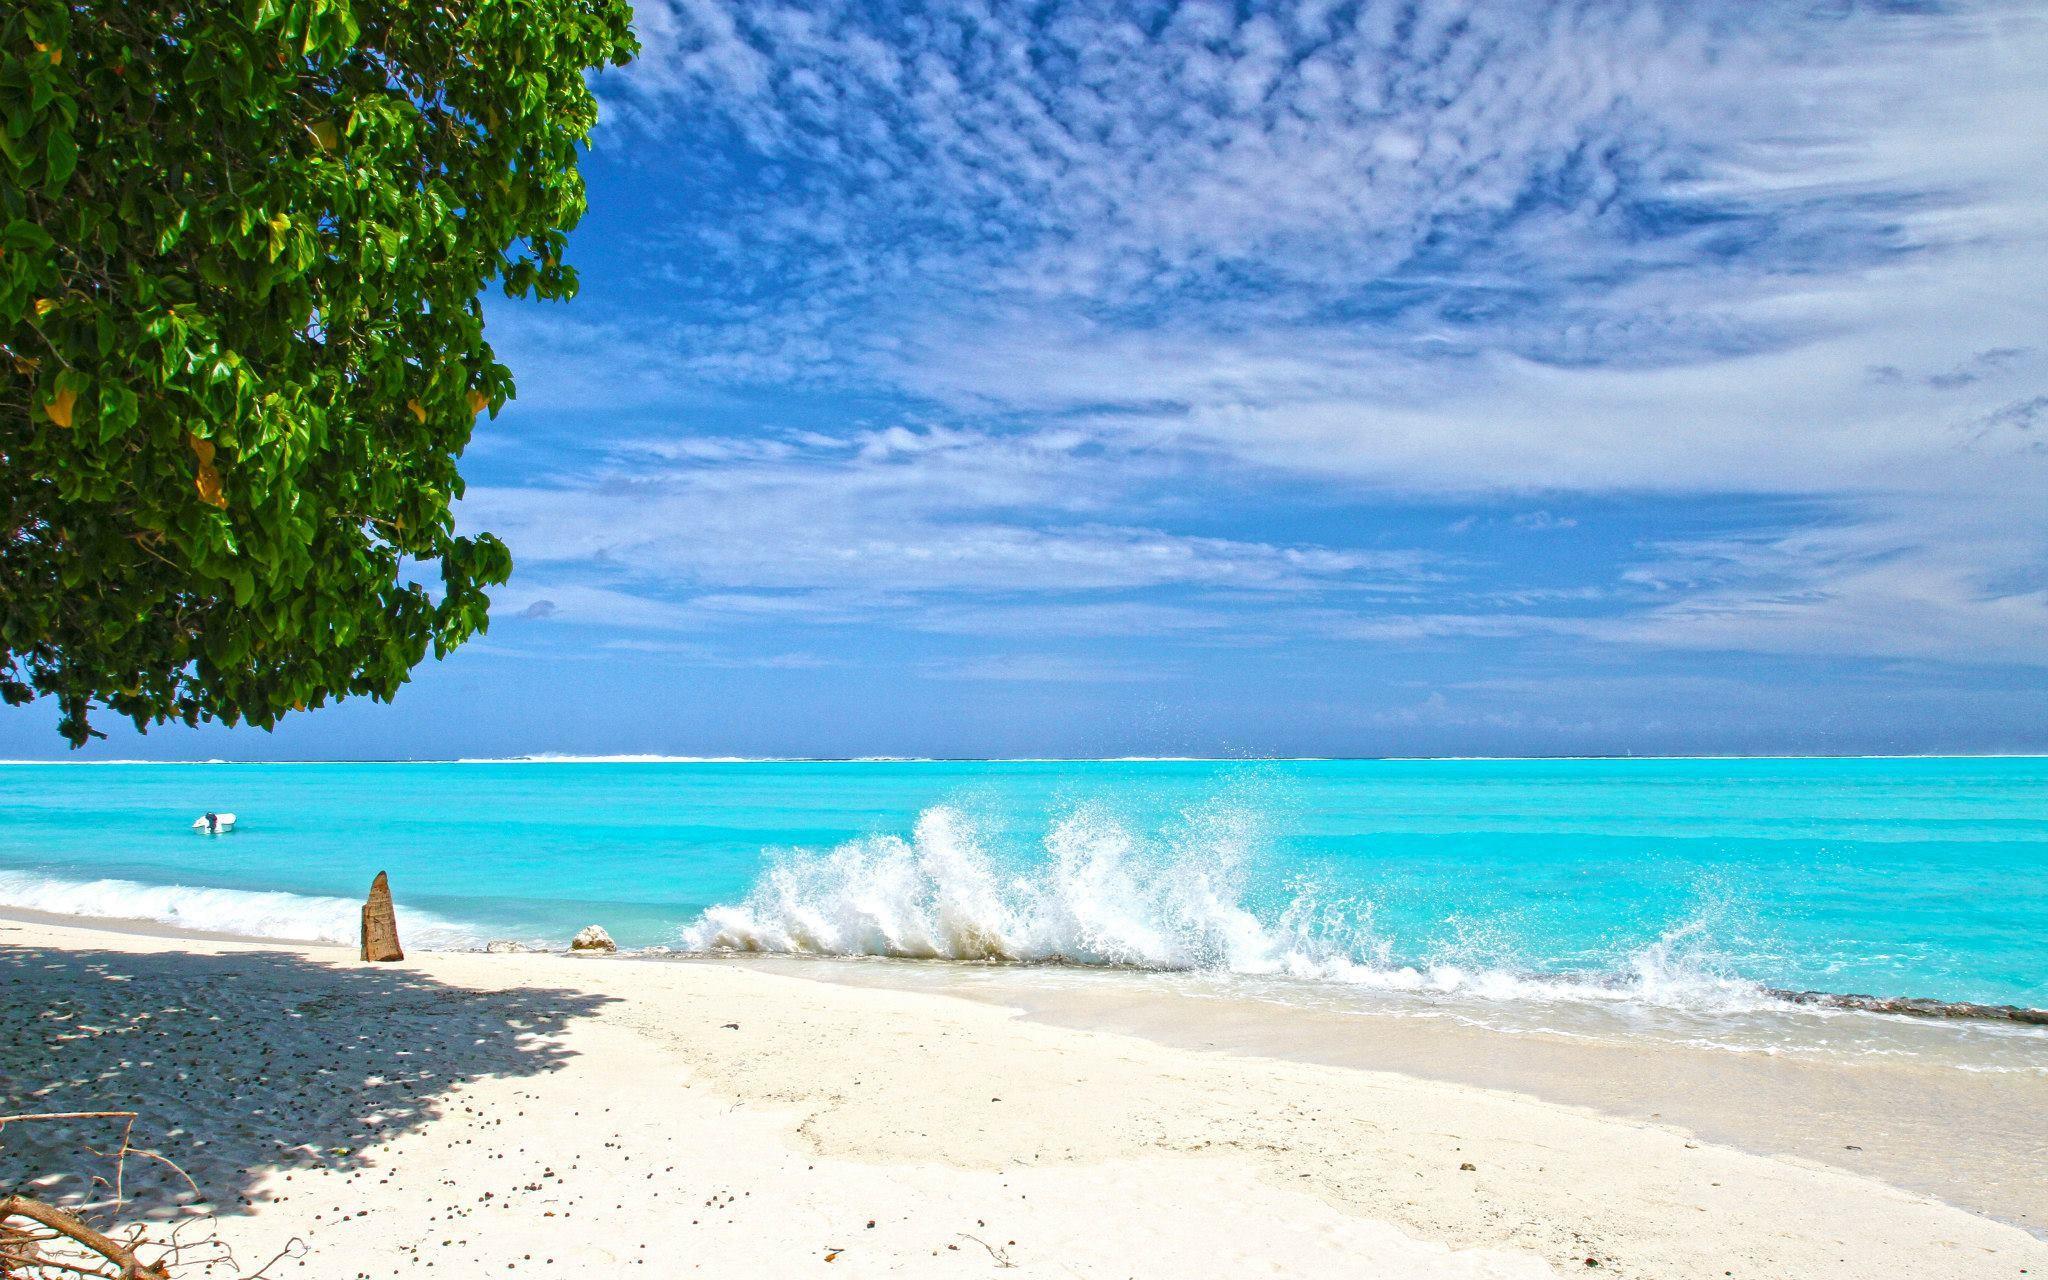 вывели фото море и пляж на рабочий стол остальное